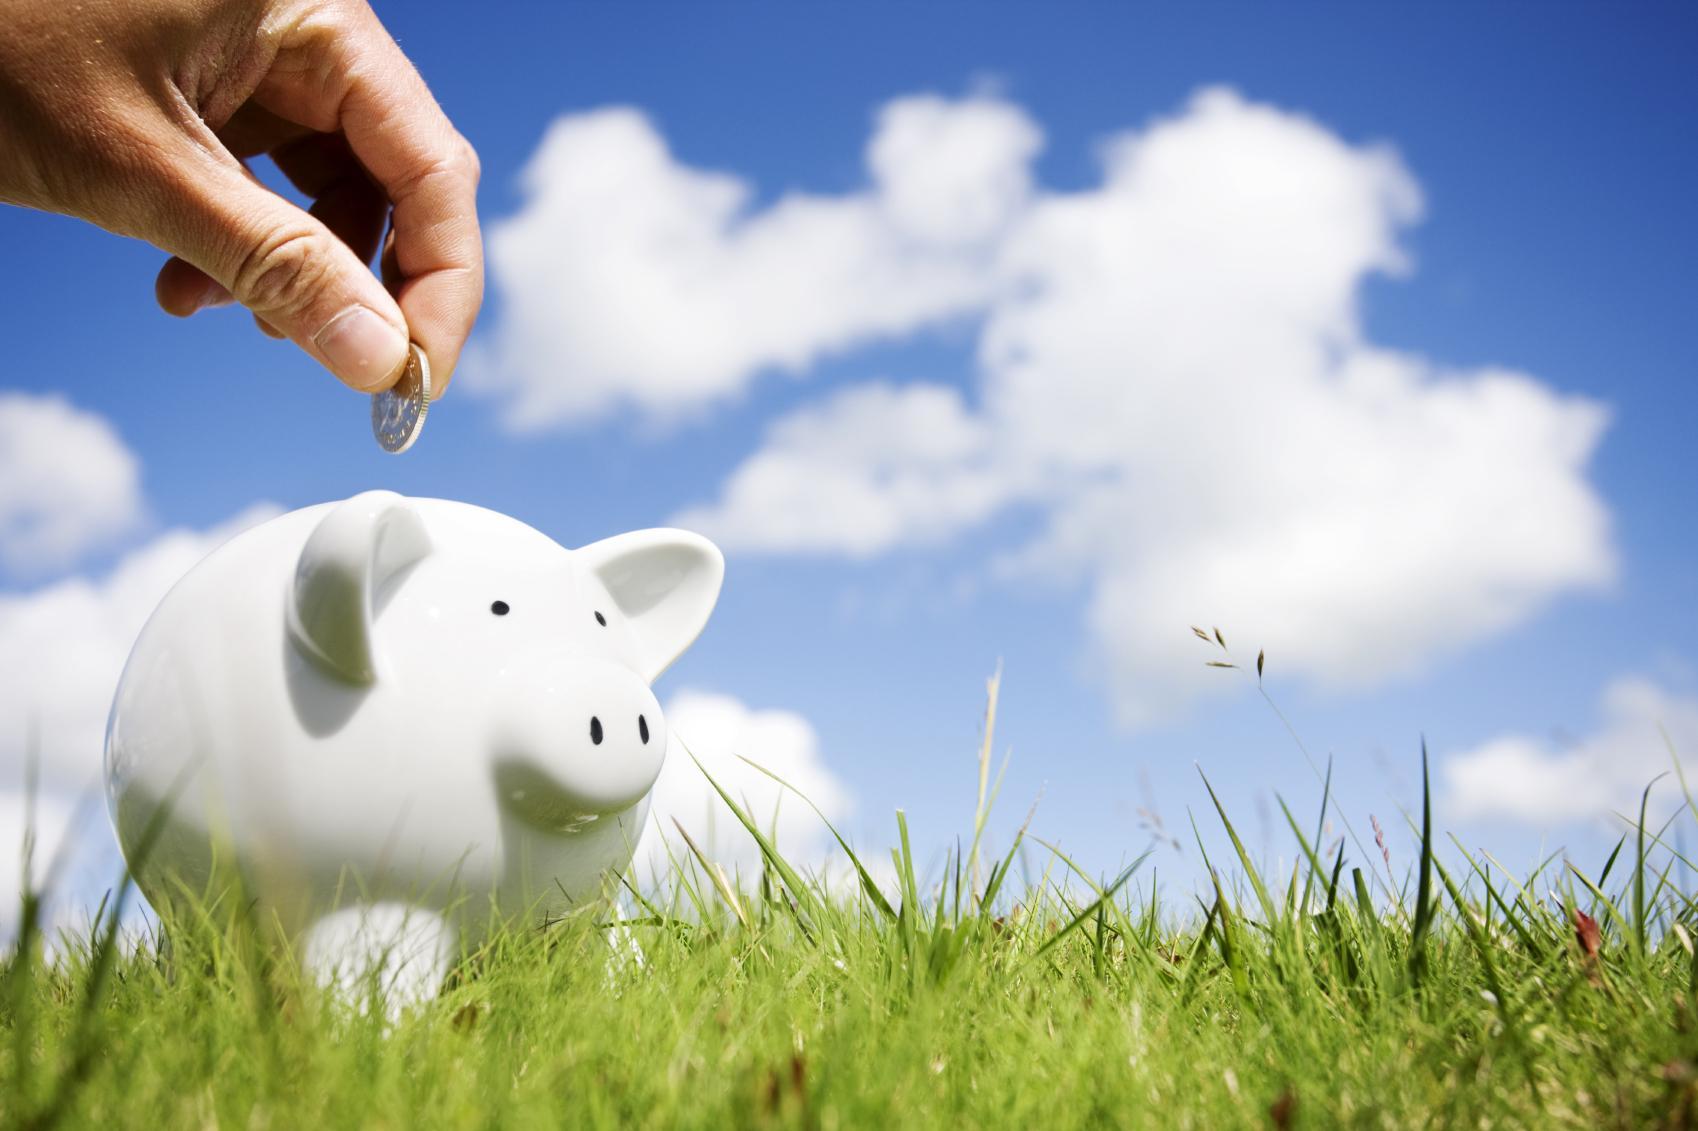 La previdenza complementare: a che punto siamo?